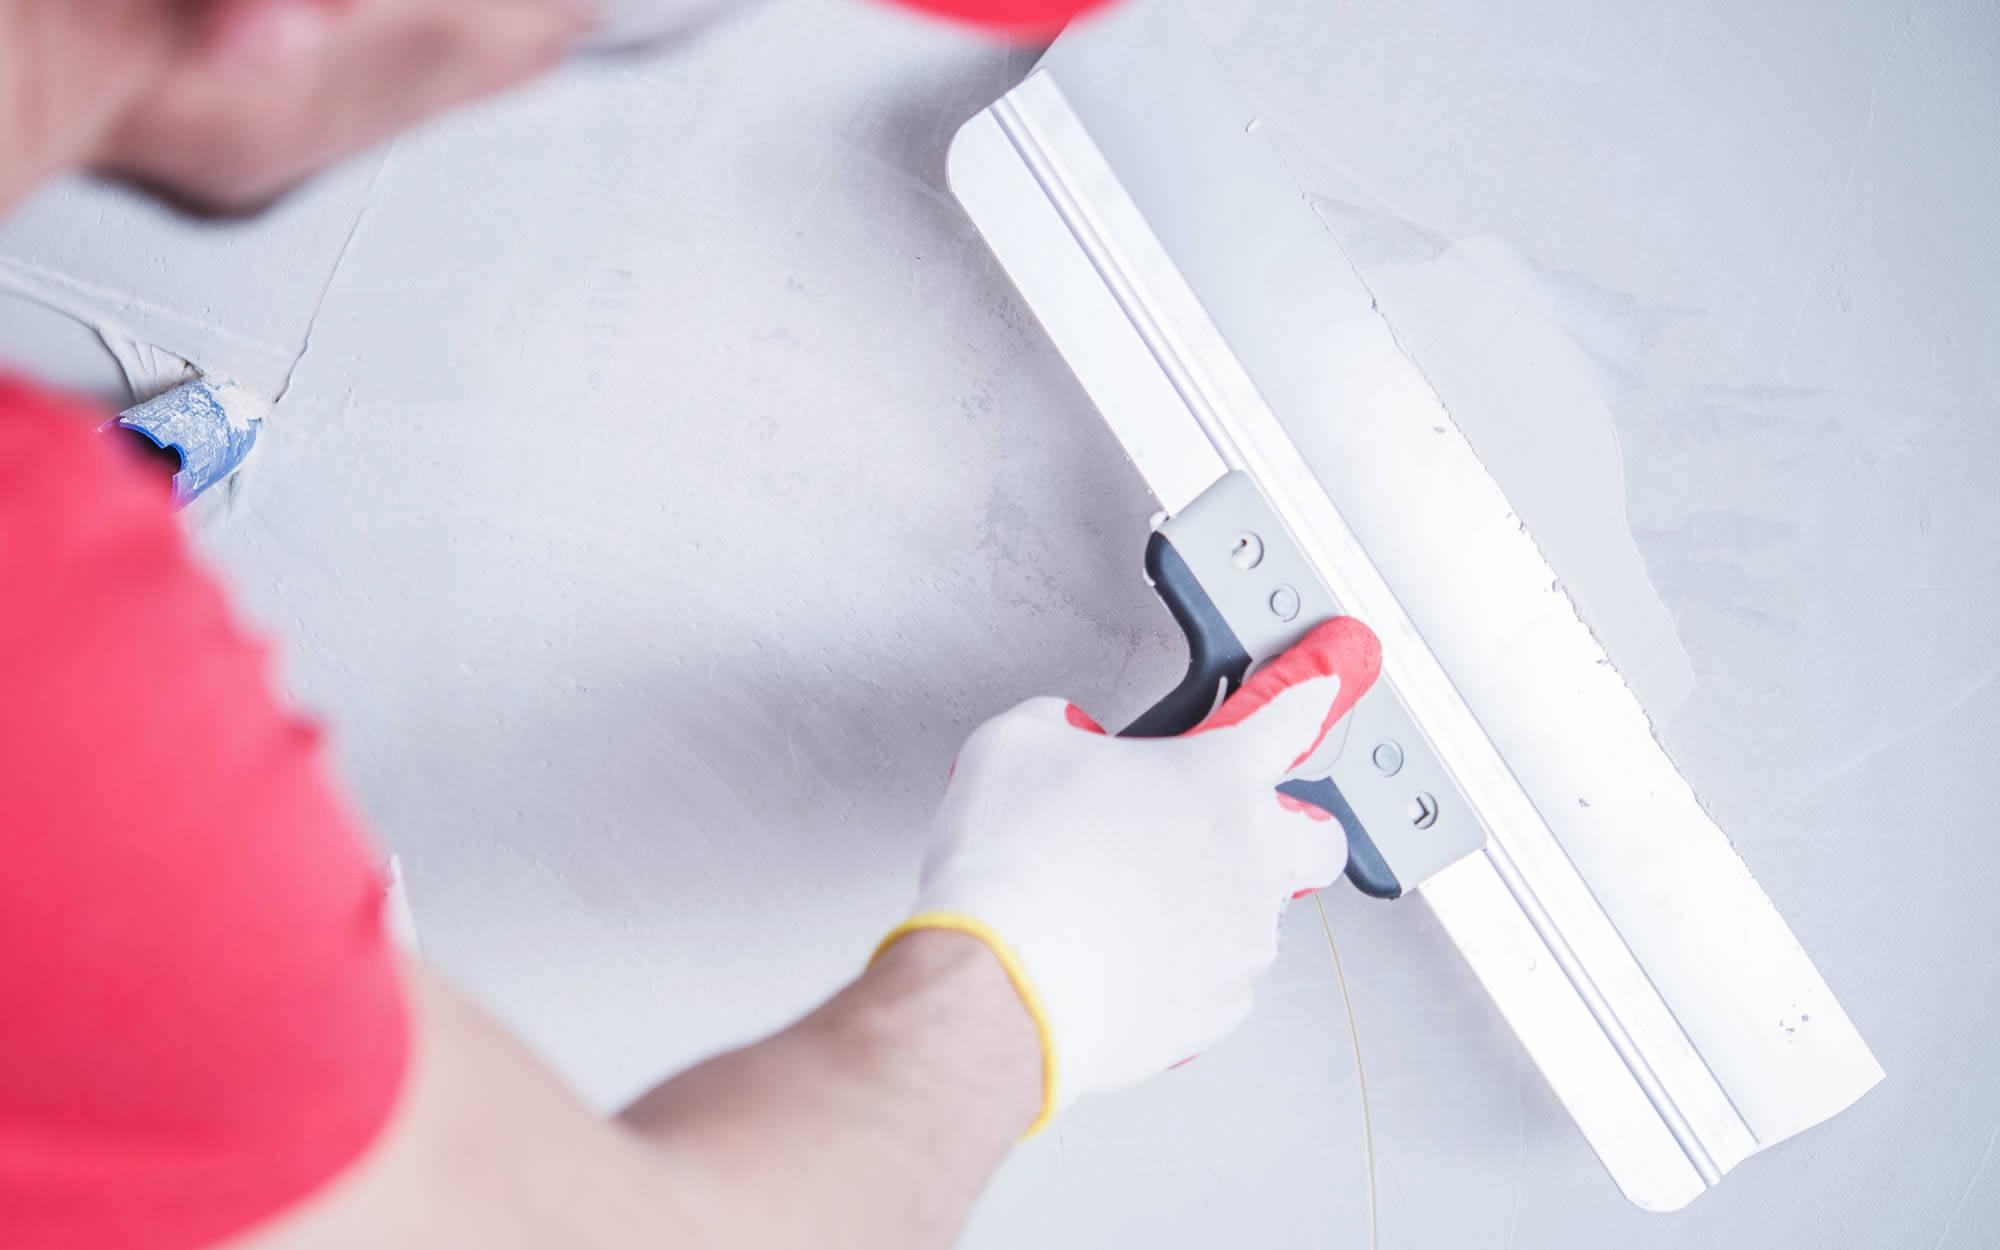 mendoza-drywall-repair-sl1-1-2000x1250